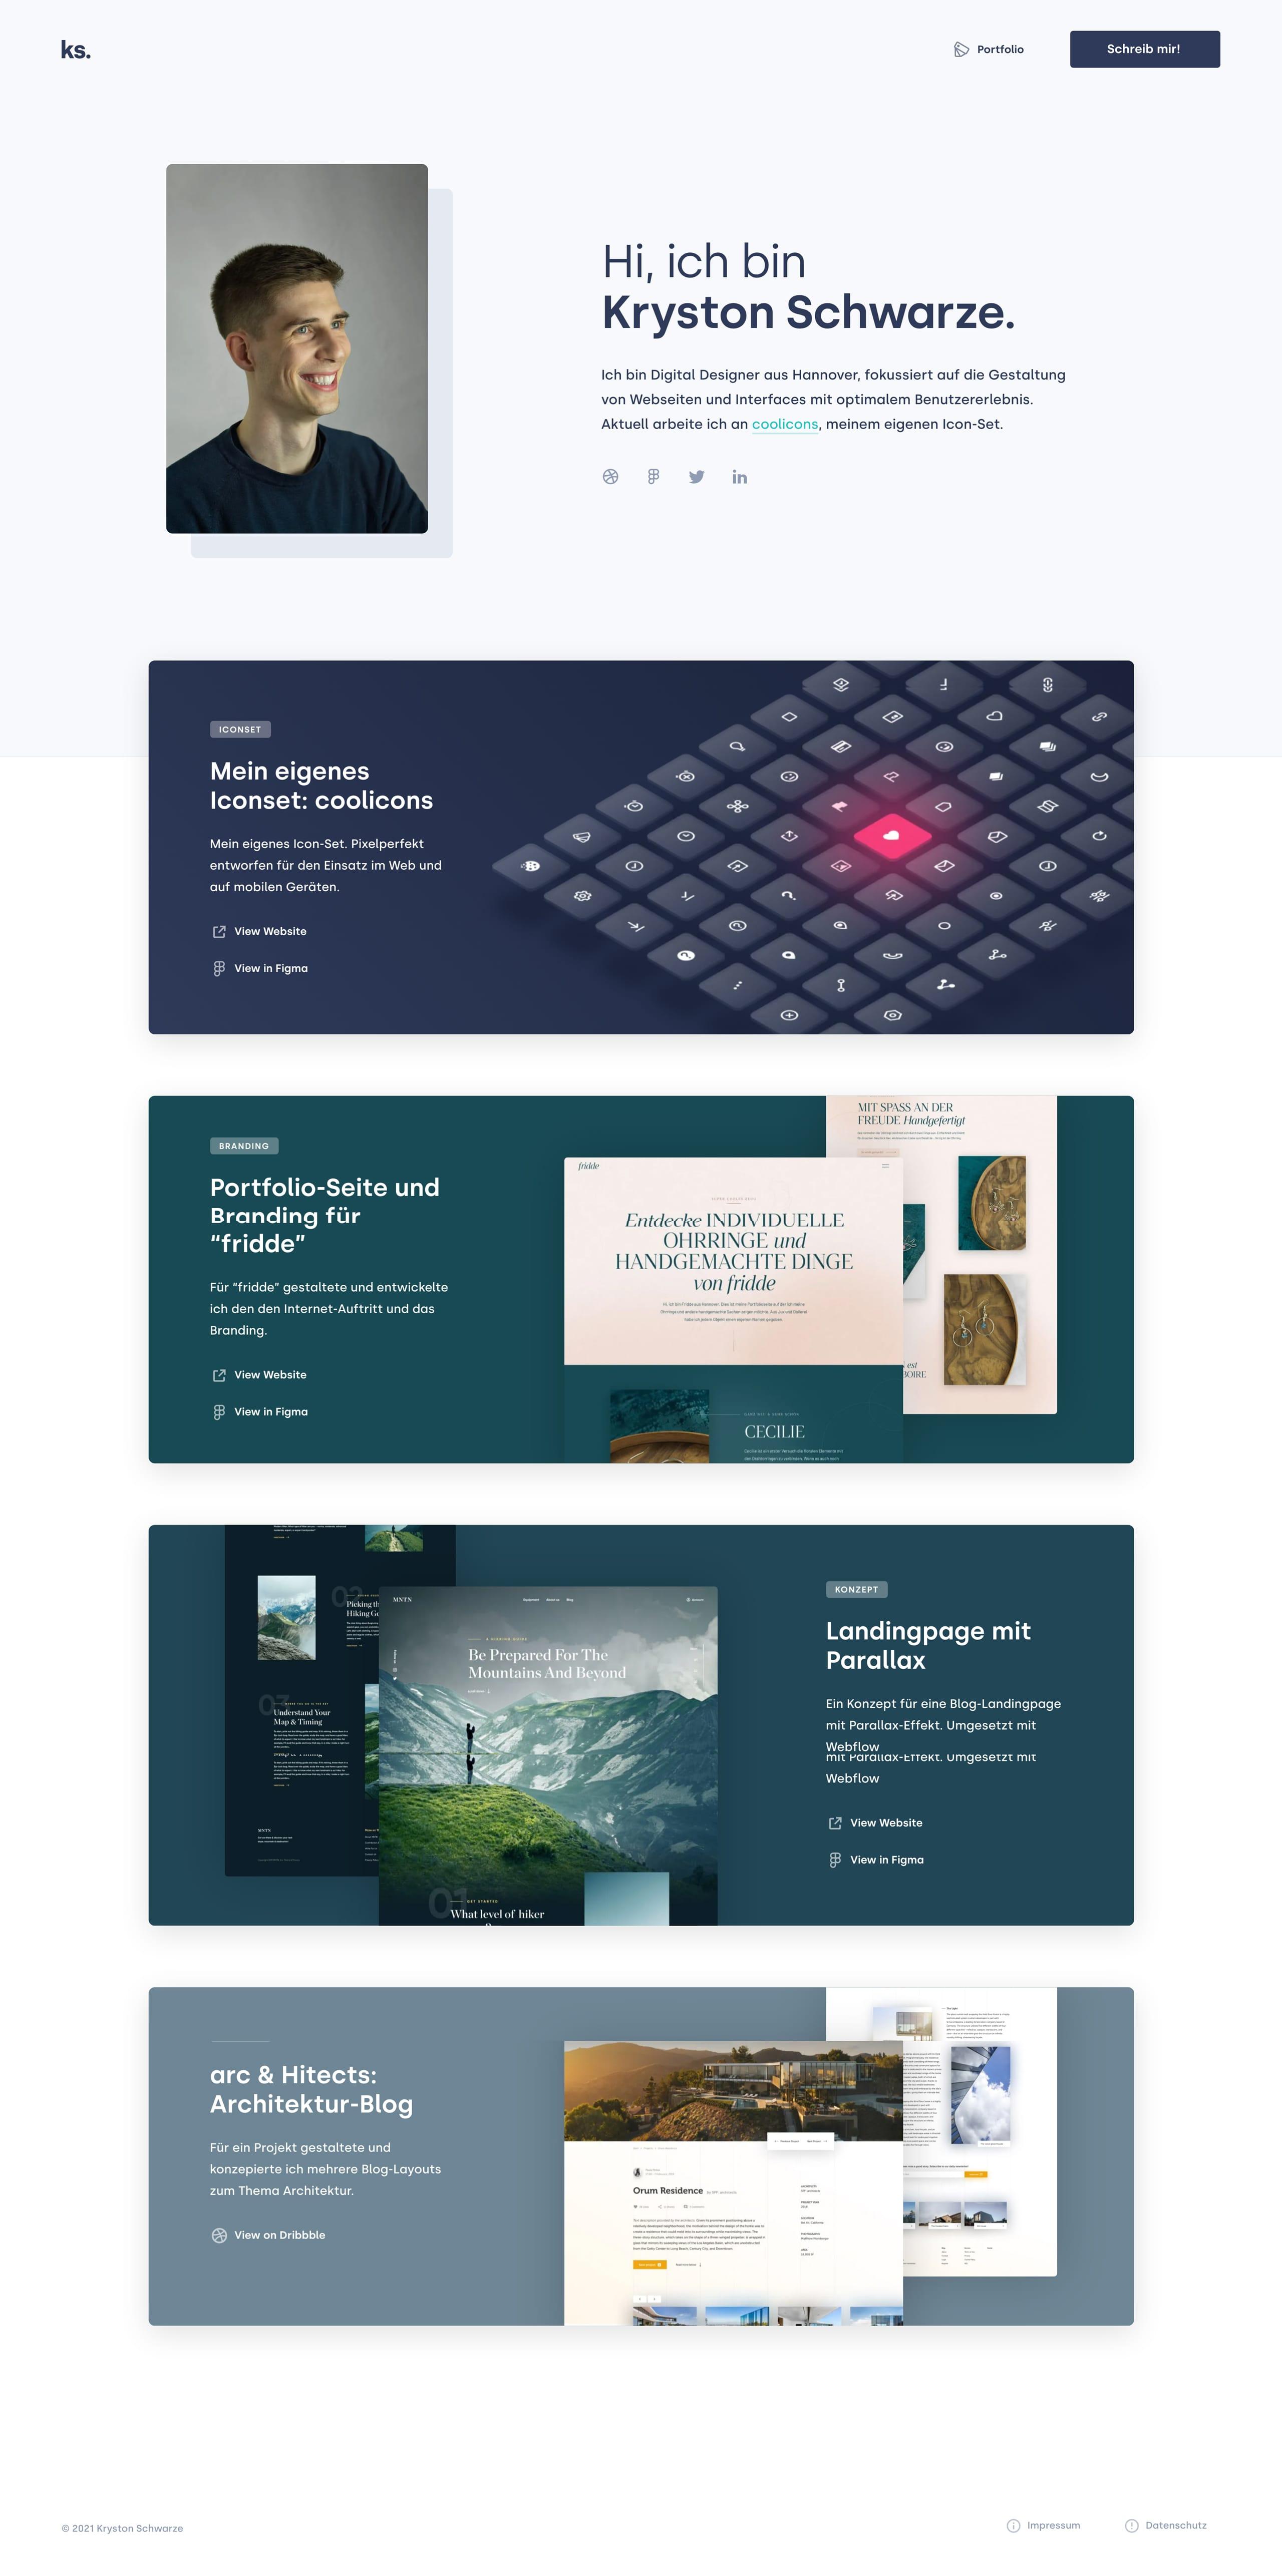 Kryston Schwarze Website Screenshot